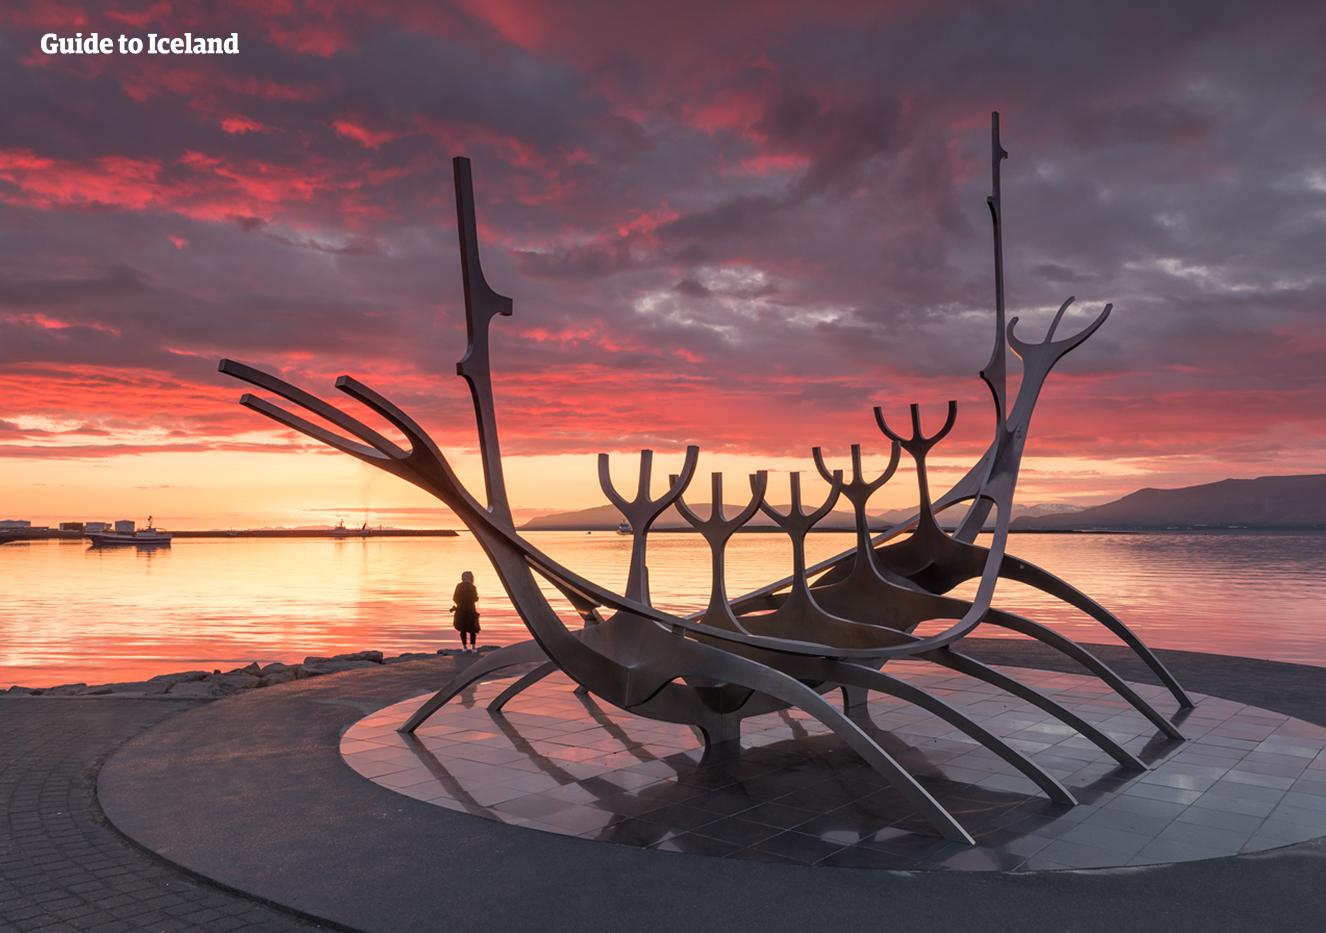 10-dniowe wakacje na Islandii z lotami z Reykjaviku do Akureyri, pełne wodospadów i gorących źródeł - day 9